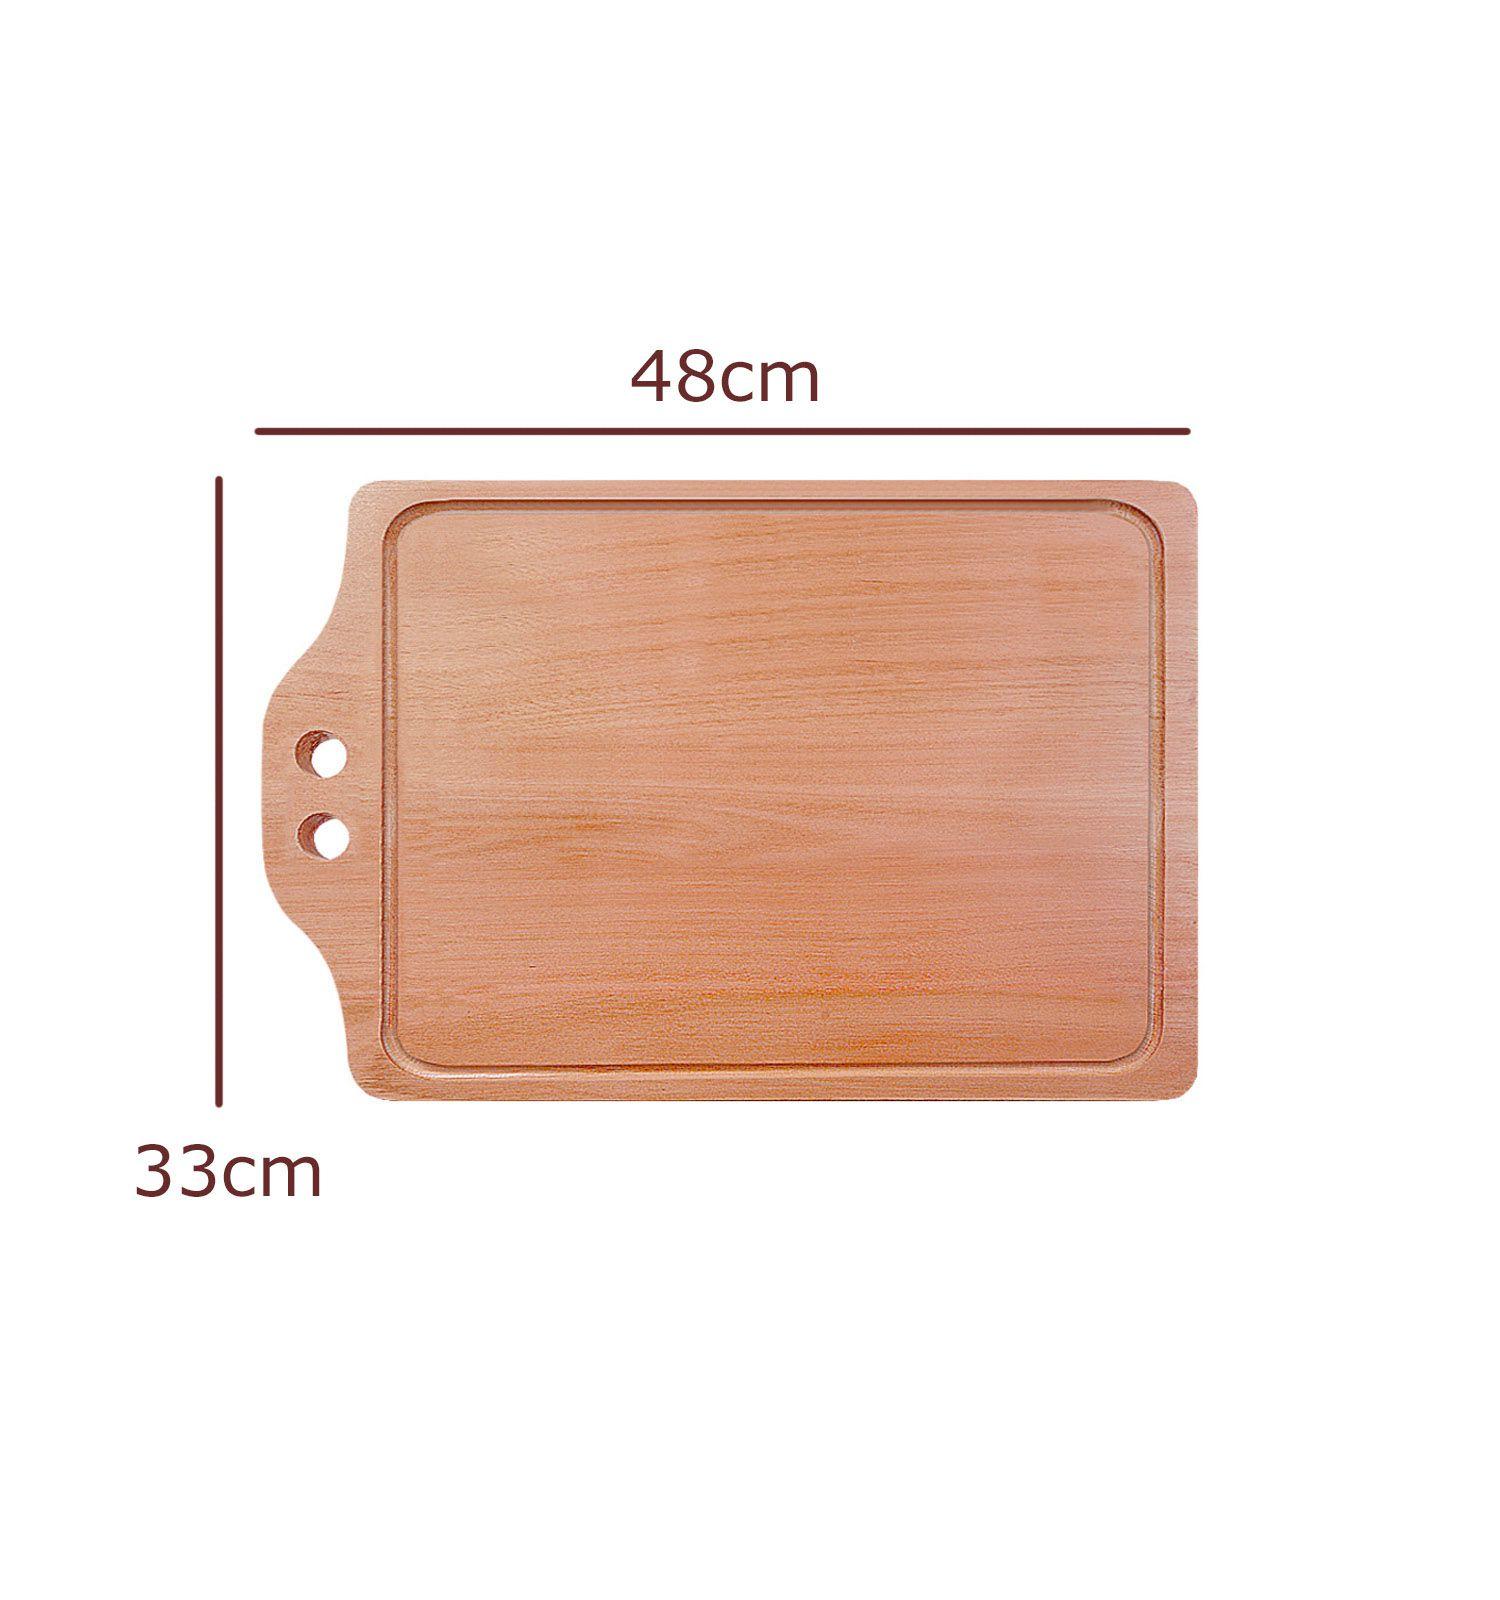 Tabua de madeira com Dois furos